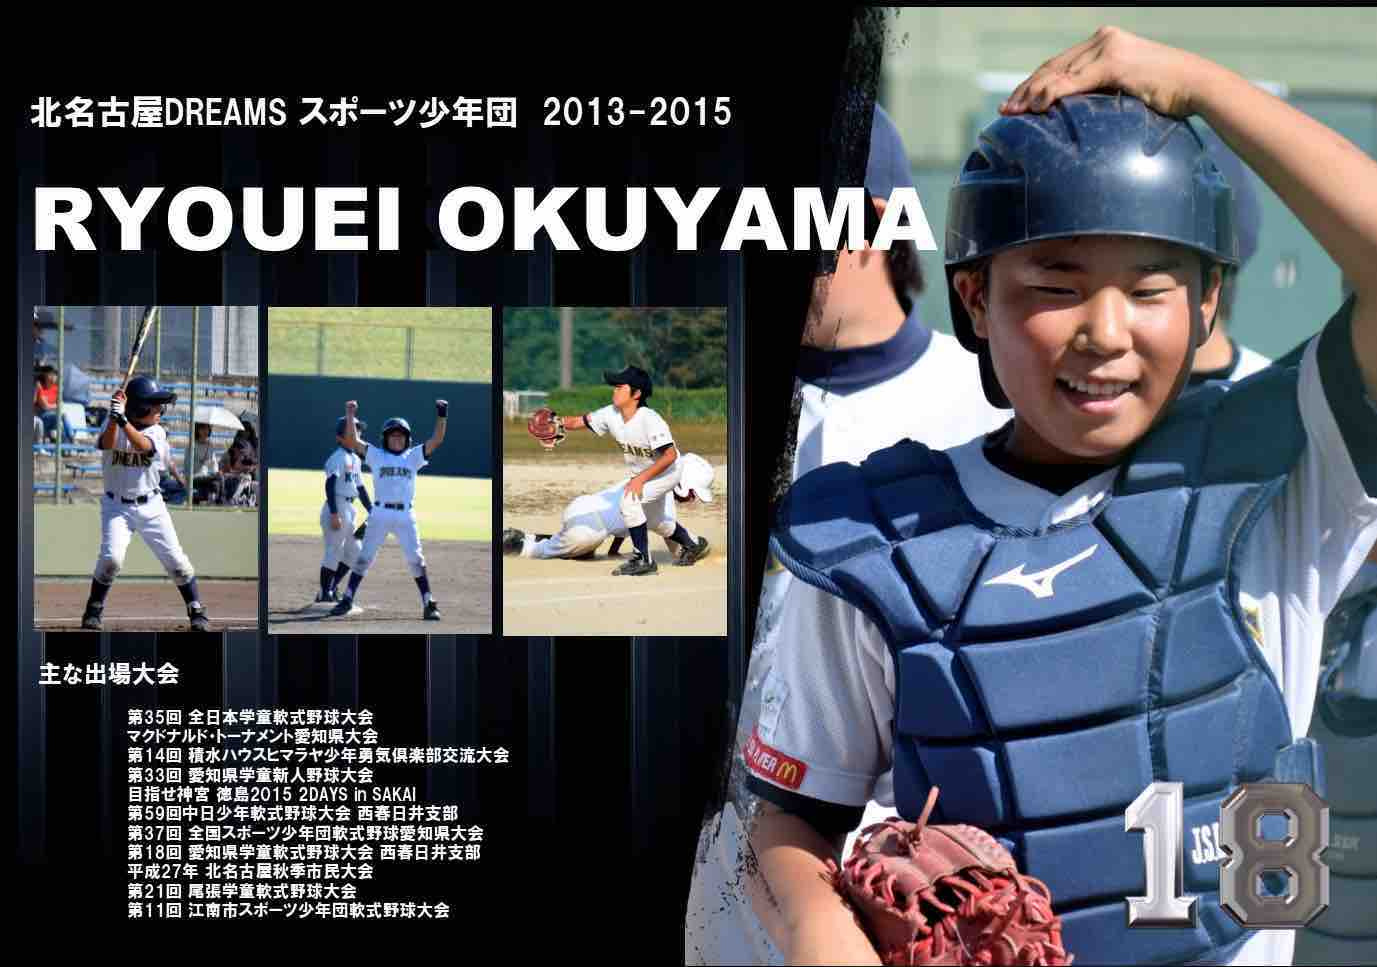 少年野球のA3プリント作品例